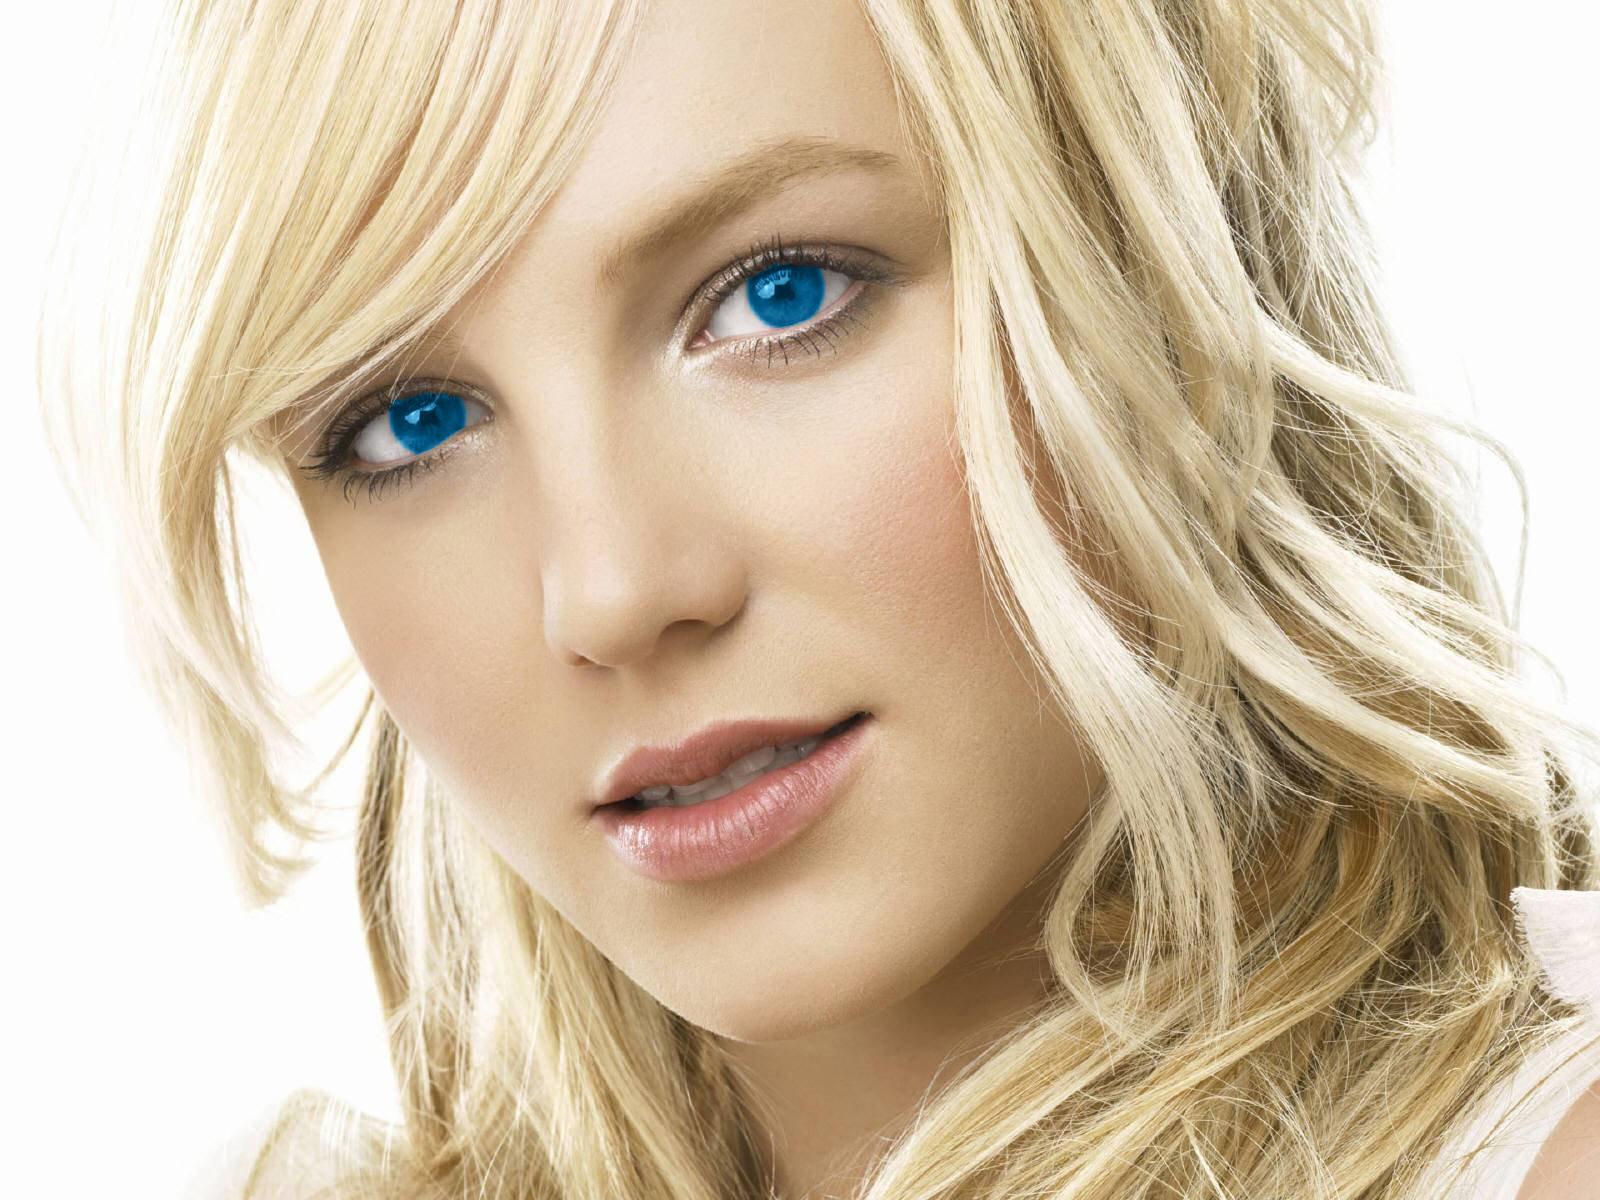 http://4.bp.blogspot.com/_1vACcJJ_oxE/TFGrFTYzcPI/AAAAAAAAAB4/KlrVAu1Li6k/s1600/Britney_Spears_33000.jpg